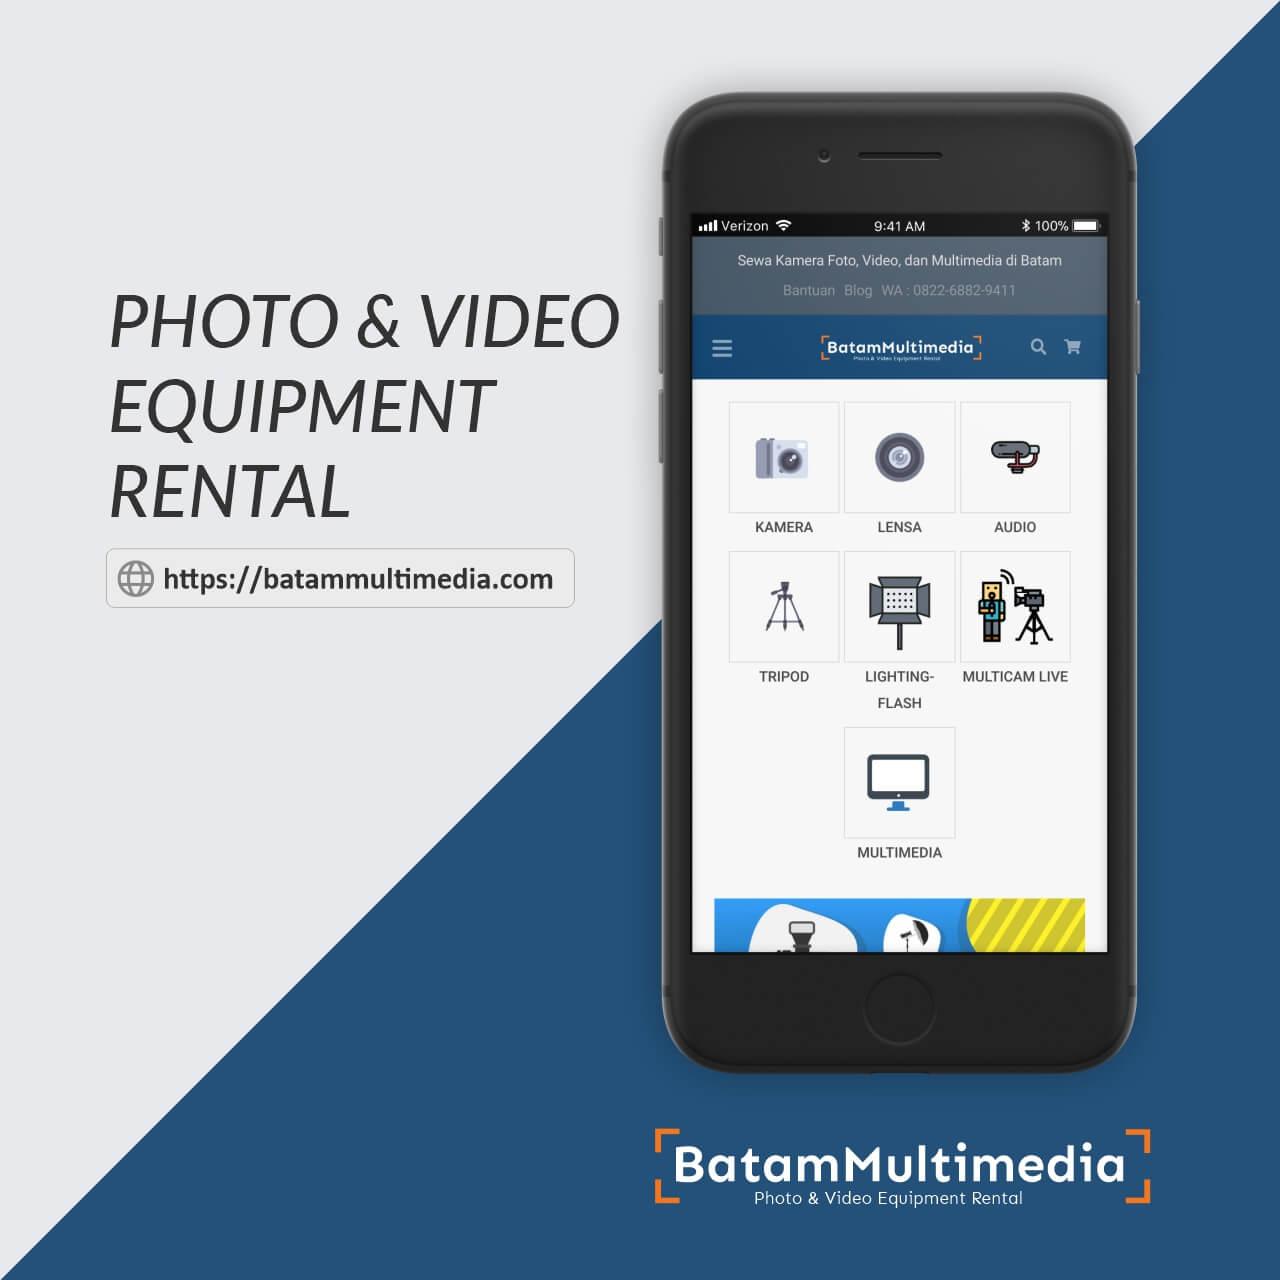 Rental Sewa Kamera Multicam Lensa di Batam